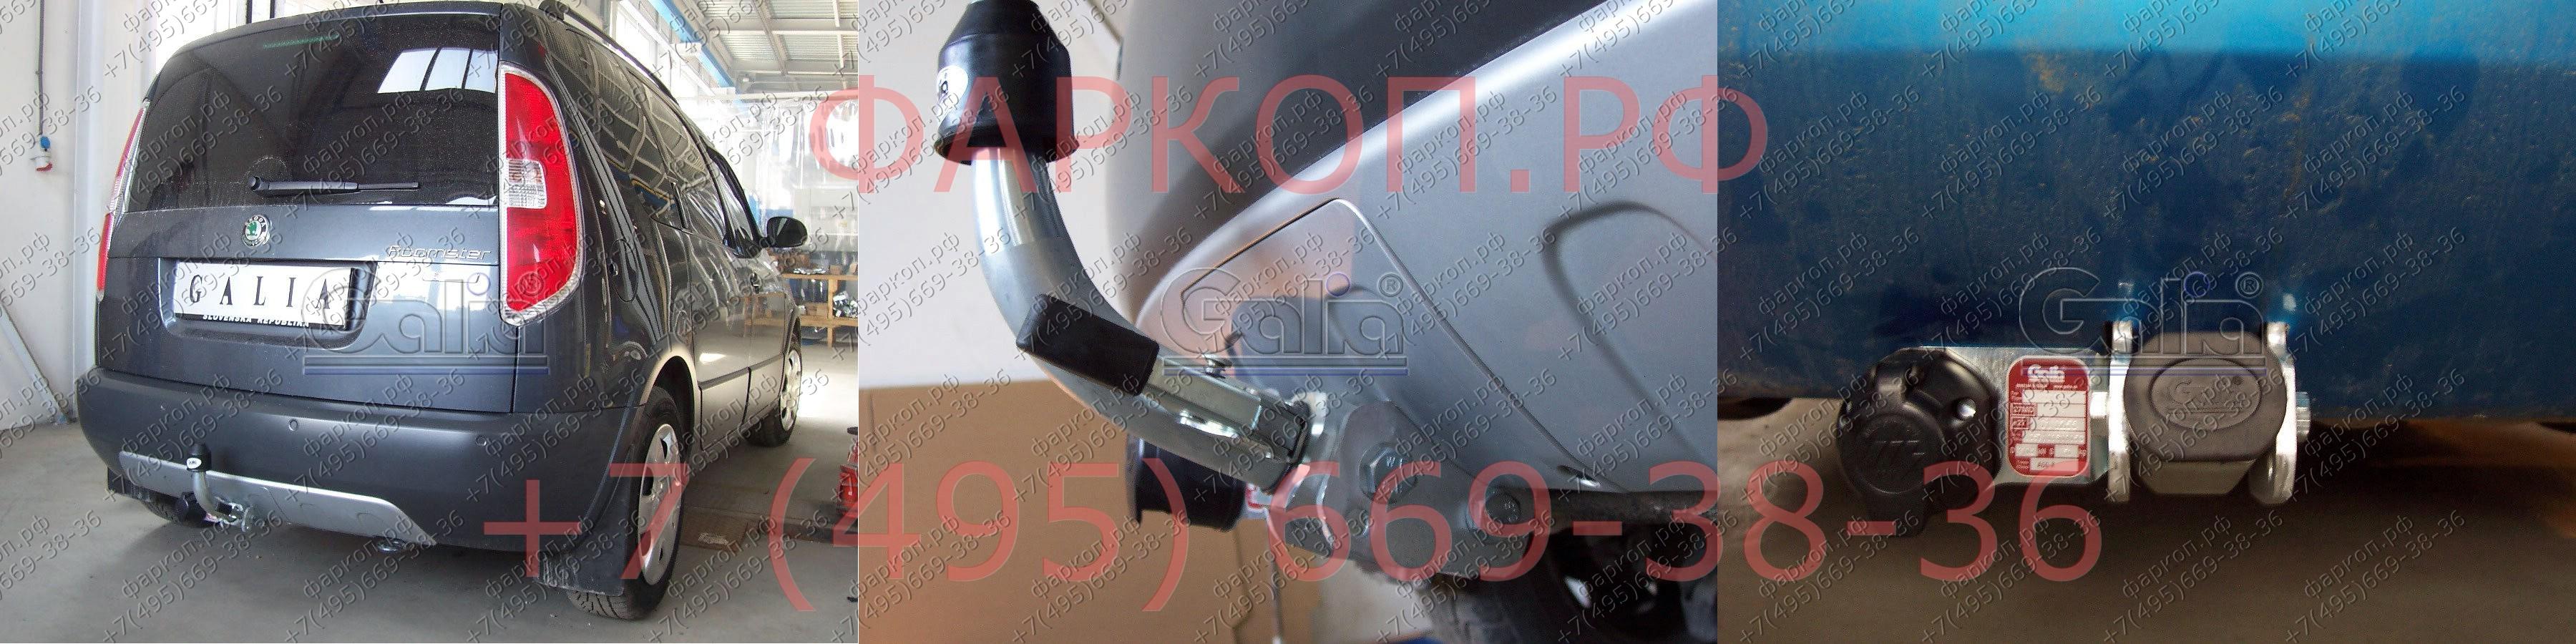 2 - Установка фapкoпов на аавтомобили, примеры работ с 46